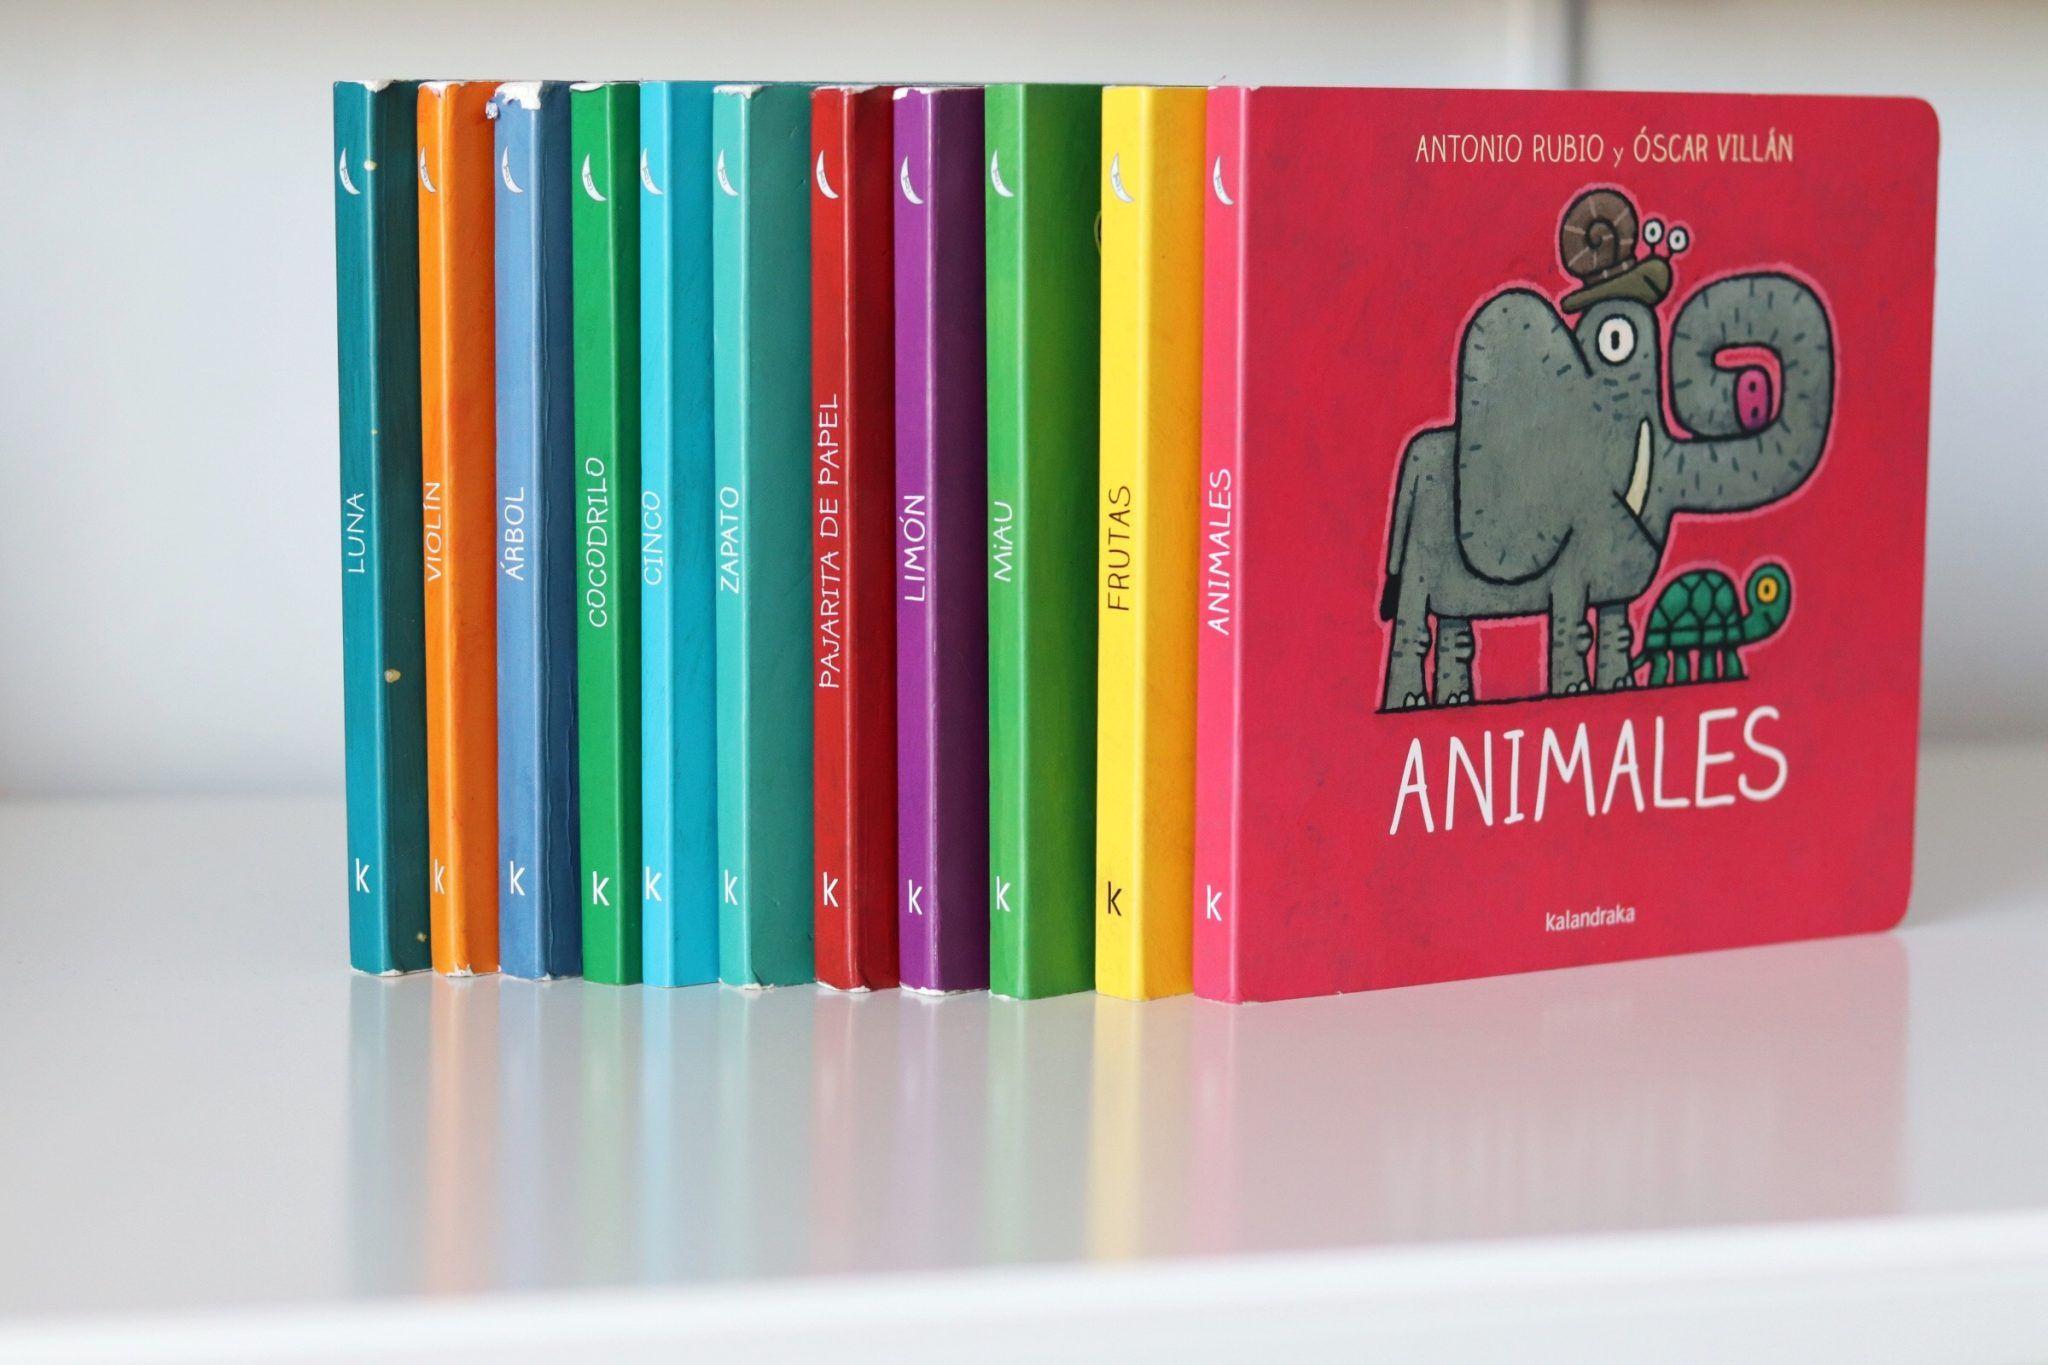 colección de libros kalandraka